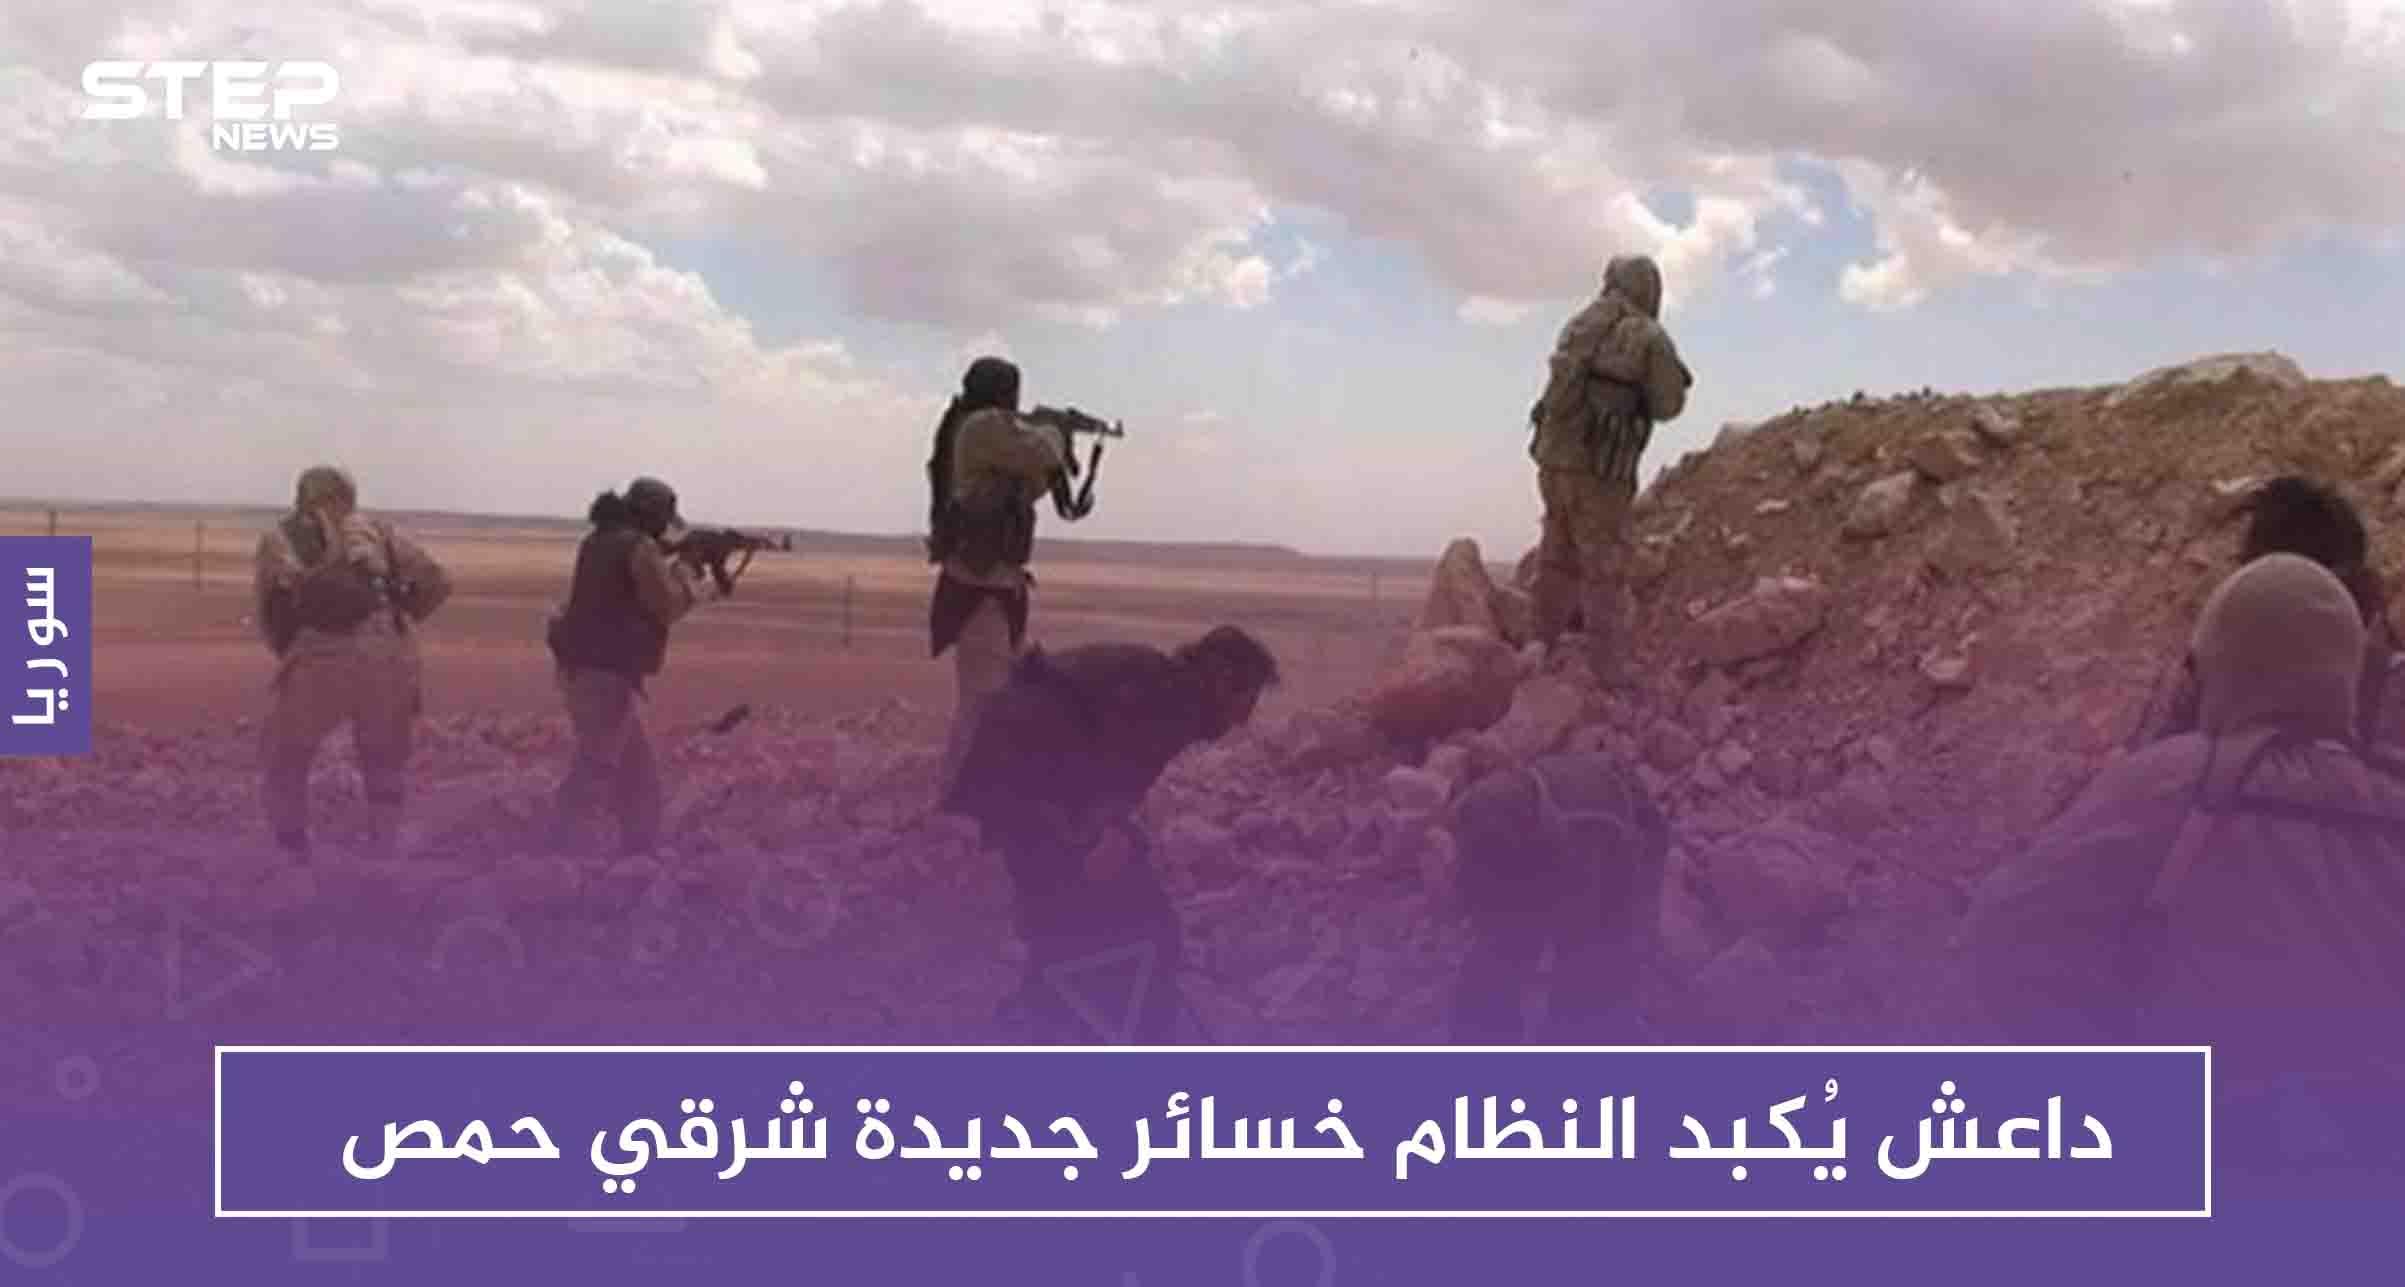 داعش يُكبد النظام خسائر جديدة شرقي حمص